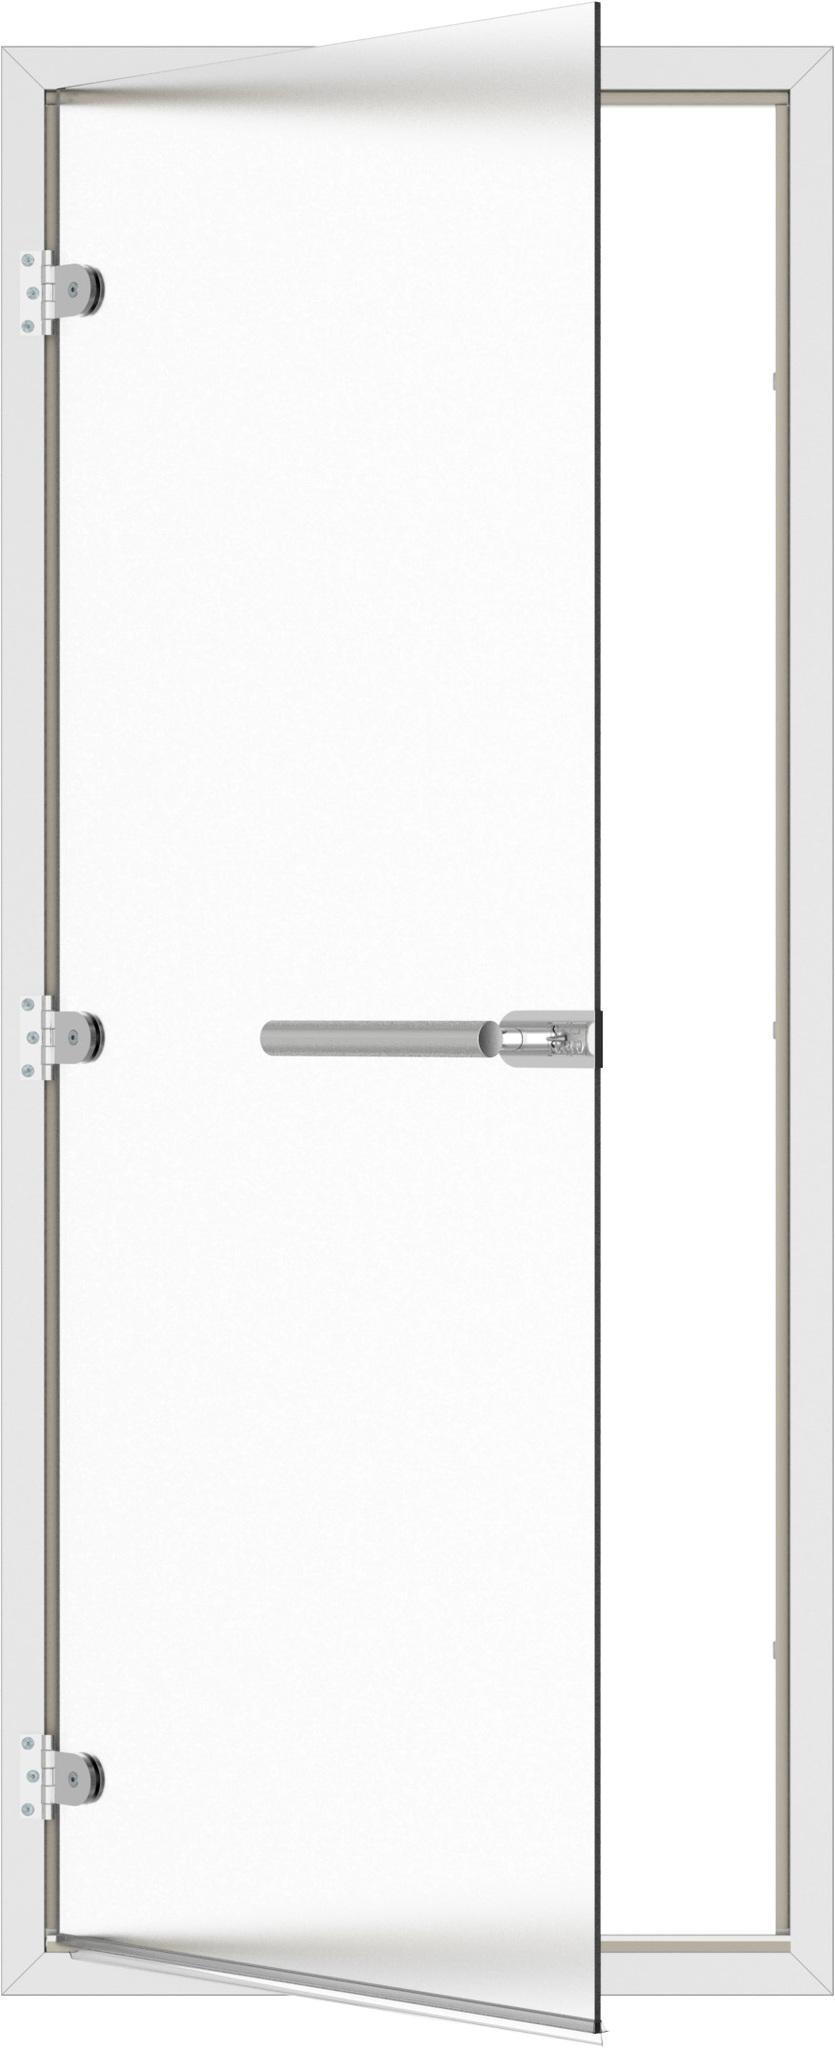 Двери: Дверь SAWO ST-746-L 8/19 (коробка алюминий, левая)